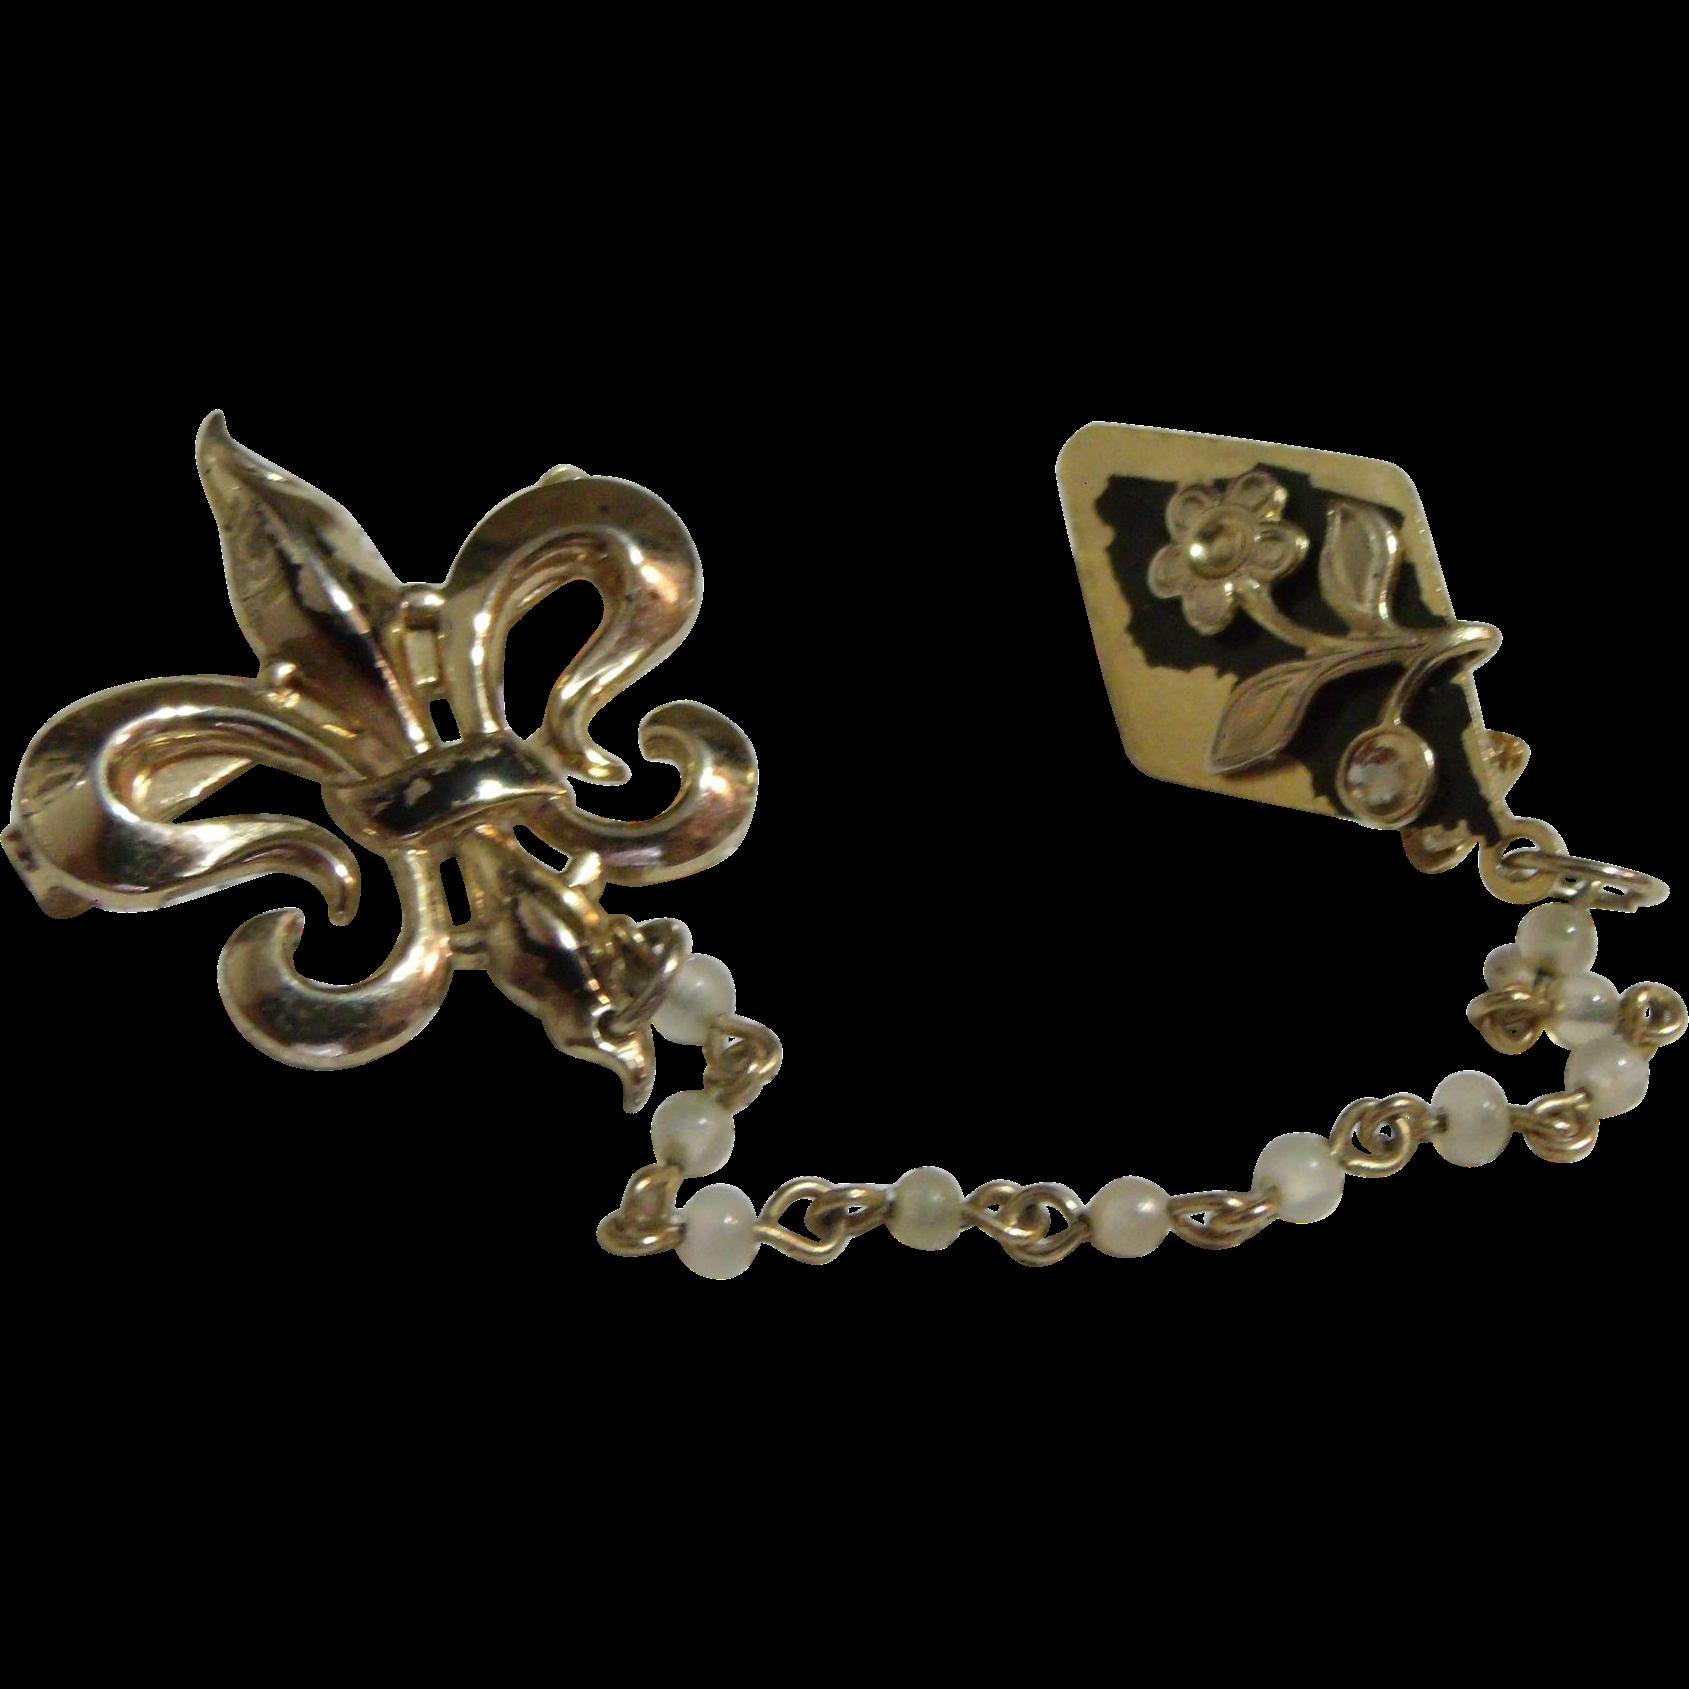 Fleur De Lis & Flower Chatelaine Double Pin Brooch